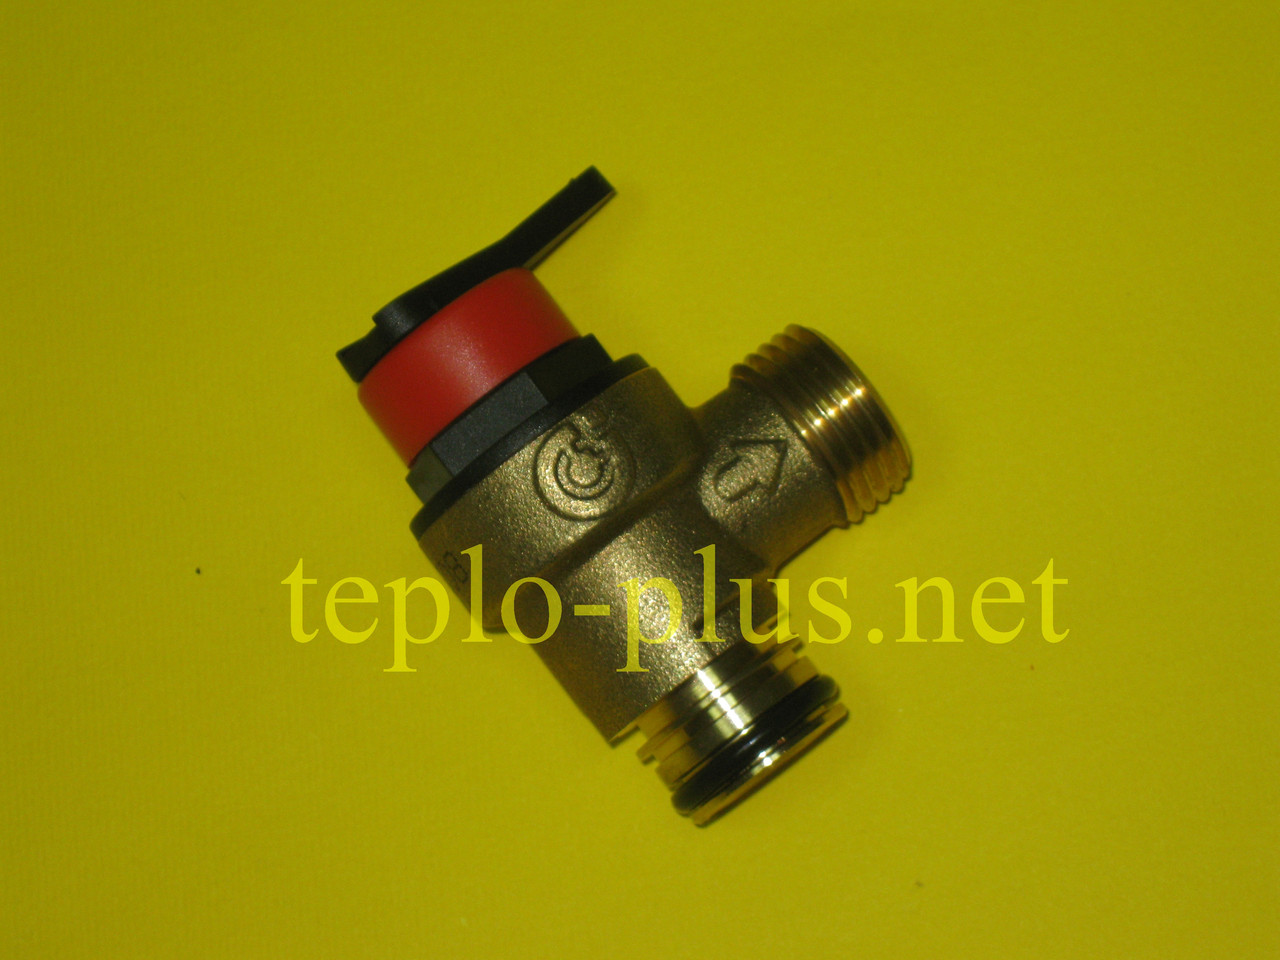 Предохранительный клапан 3 бар (клапан безопасности) 178985 Vaillant atmoTEC Pro / turboTEC Pro, фото 1